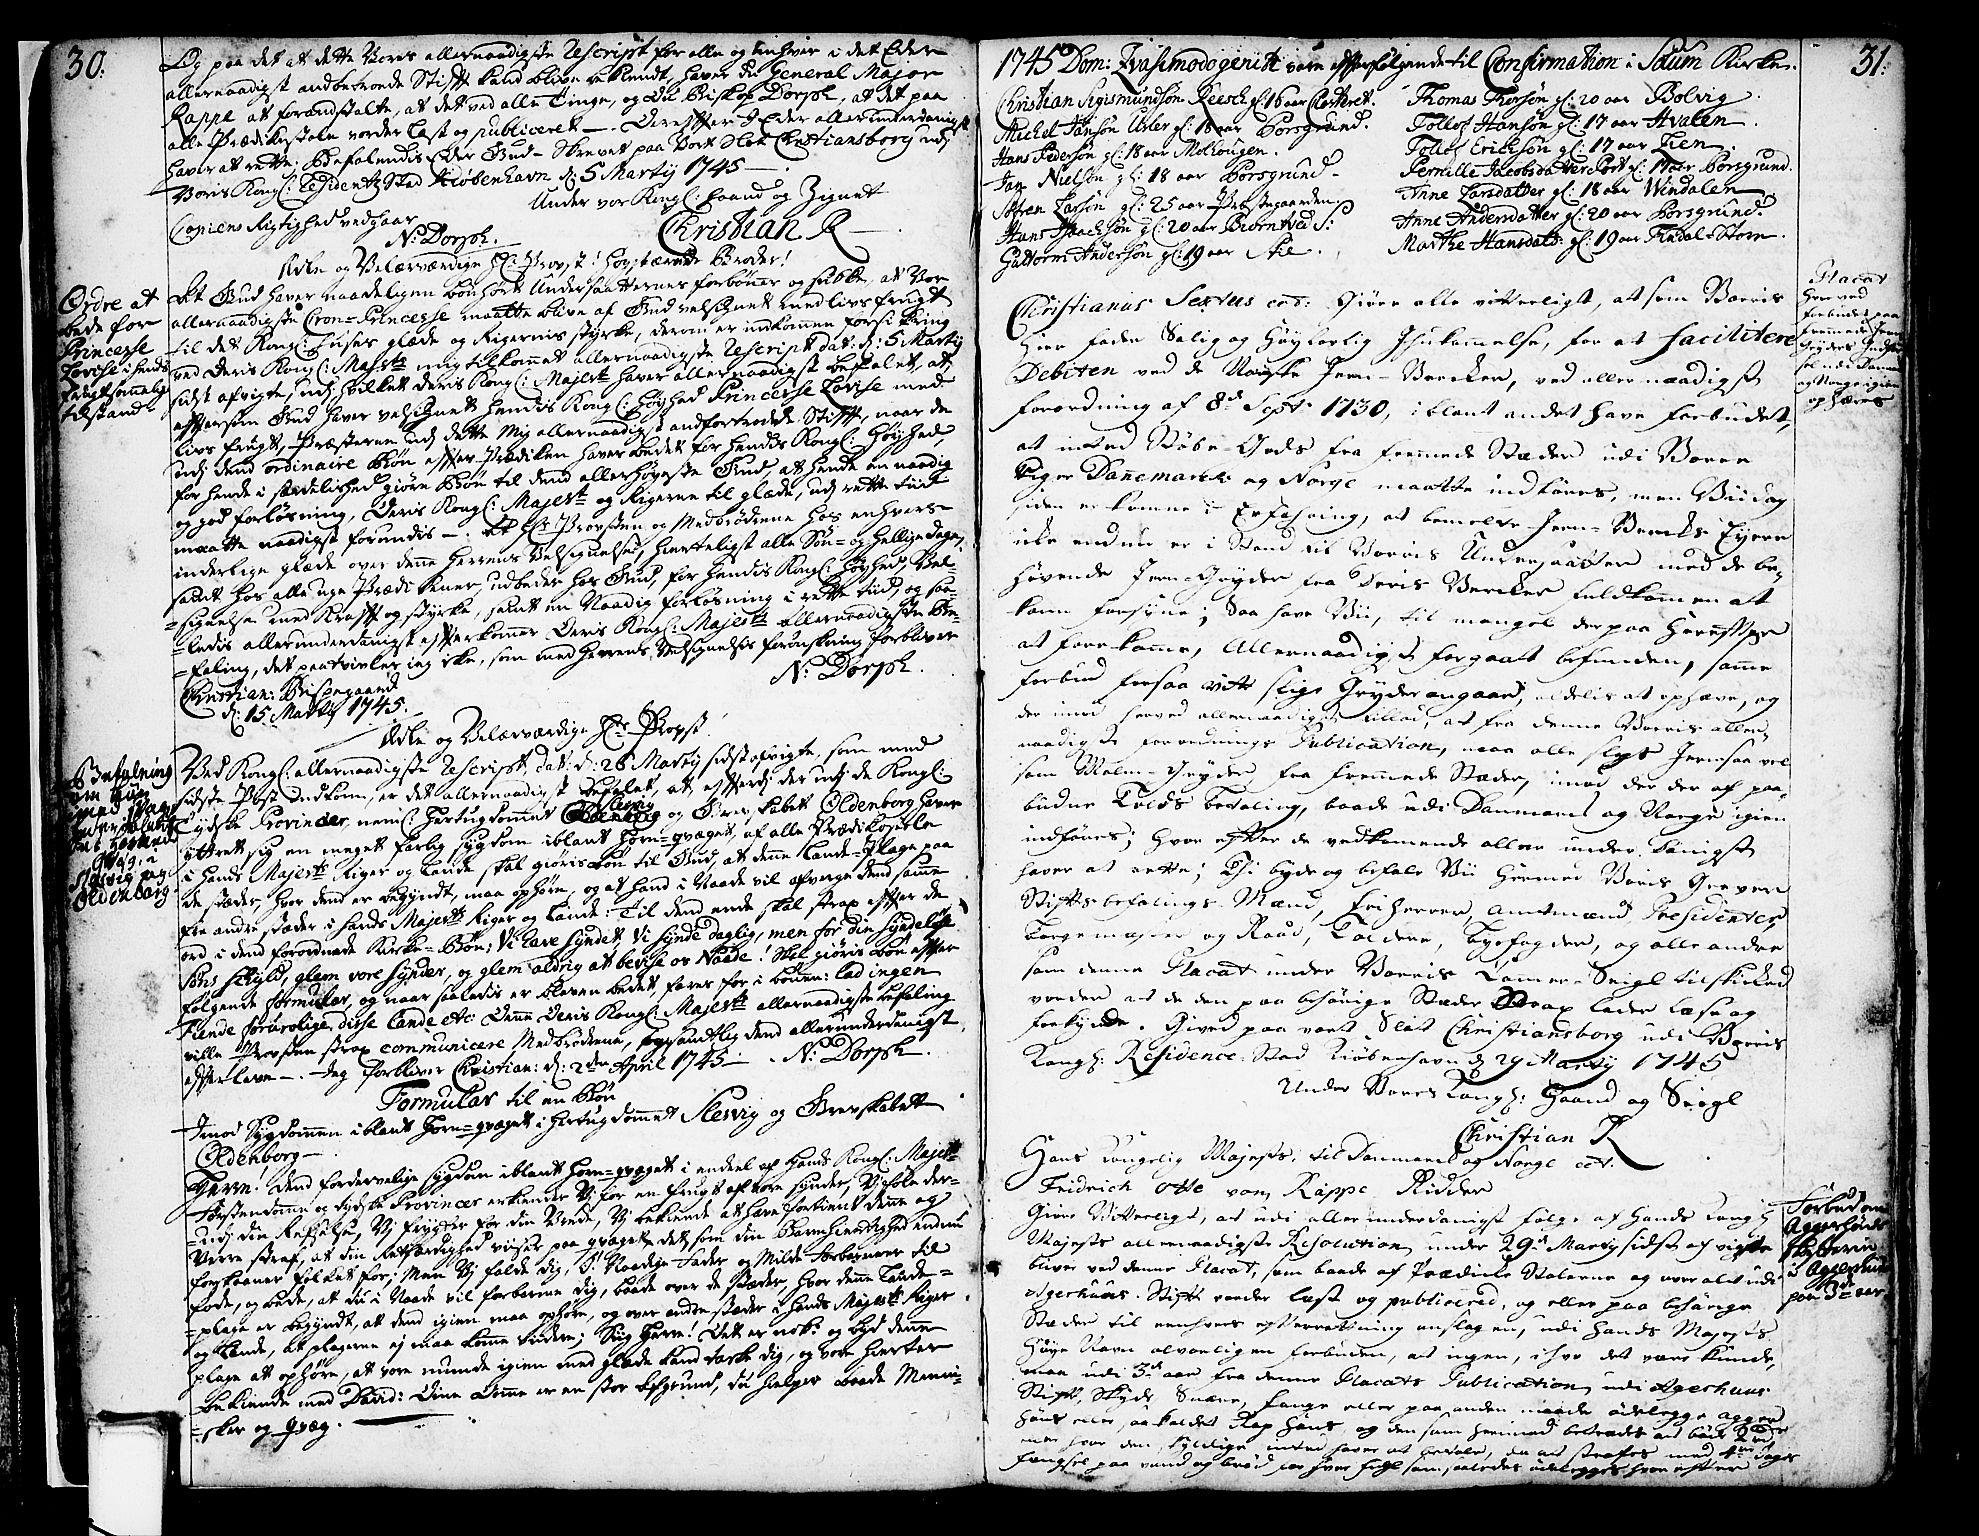 SAKO, Solum kirkebøker, Annen kirkebok nr. ?, 1743-1791, s. 30-31